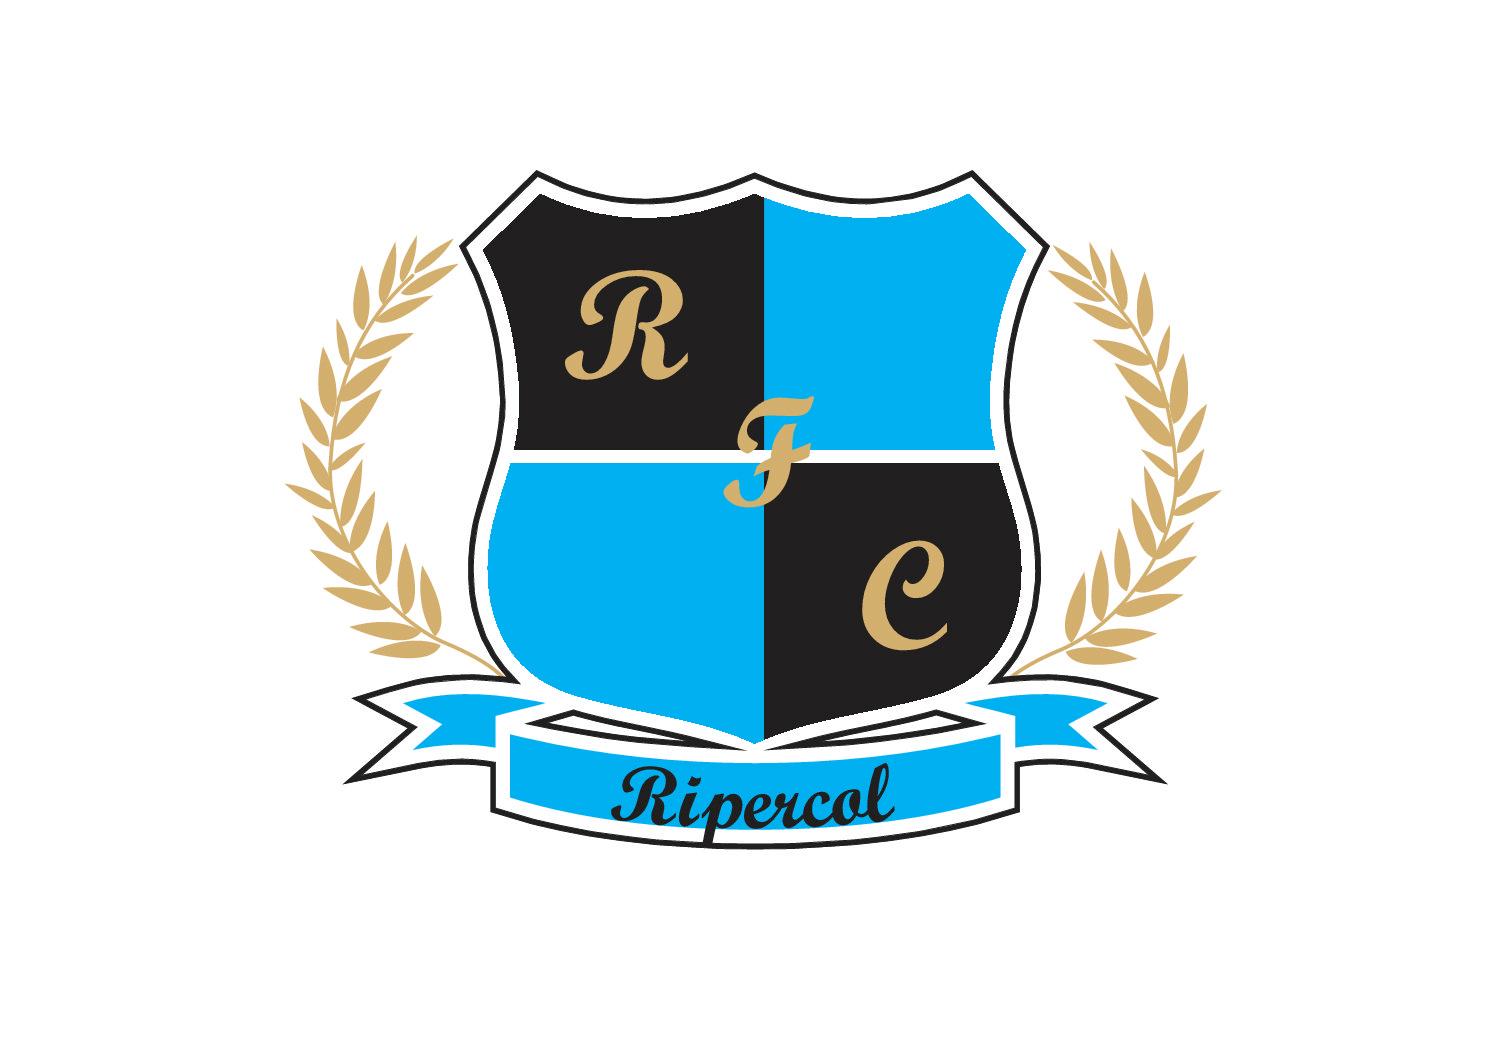 GRUPO DE AMIGOS RIPERCOL